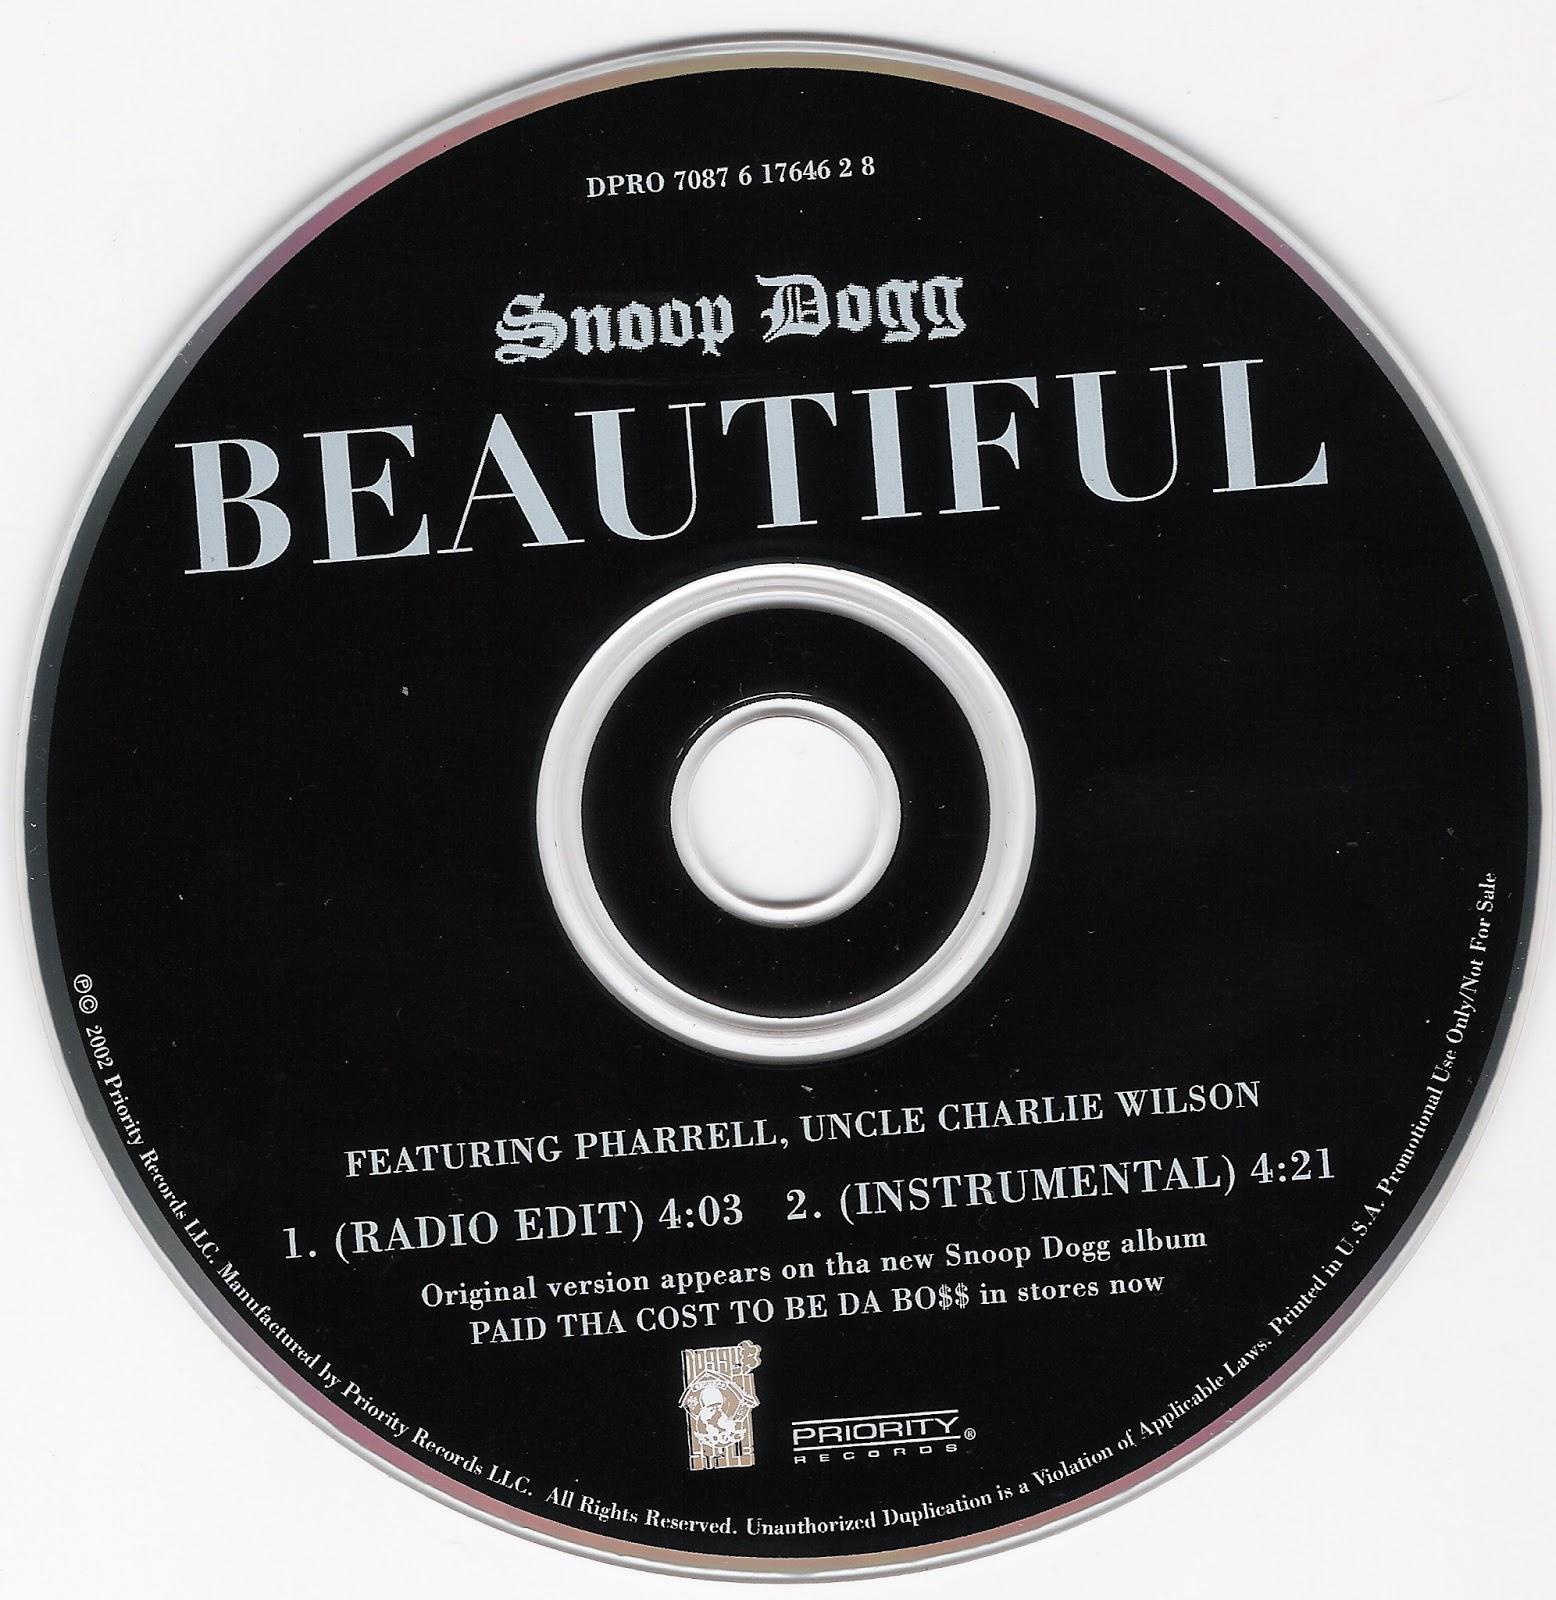 http://3.bp.blogspot.com/-hy_nTS_qMcQ/UQxxYOTt7iI/AAAAAAAAQaY/3fXGxzBJHoo/s1600/00-snoop_dogg-beautiful-(promo_cds)-2002-cd.jpg